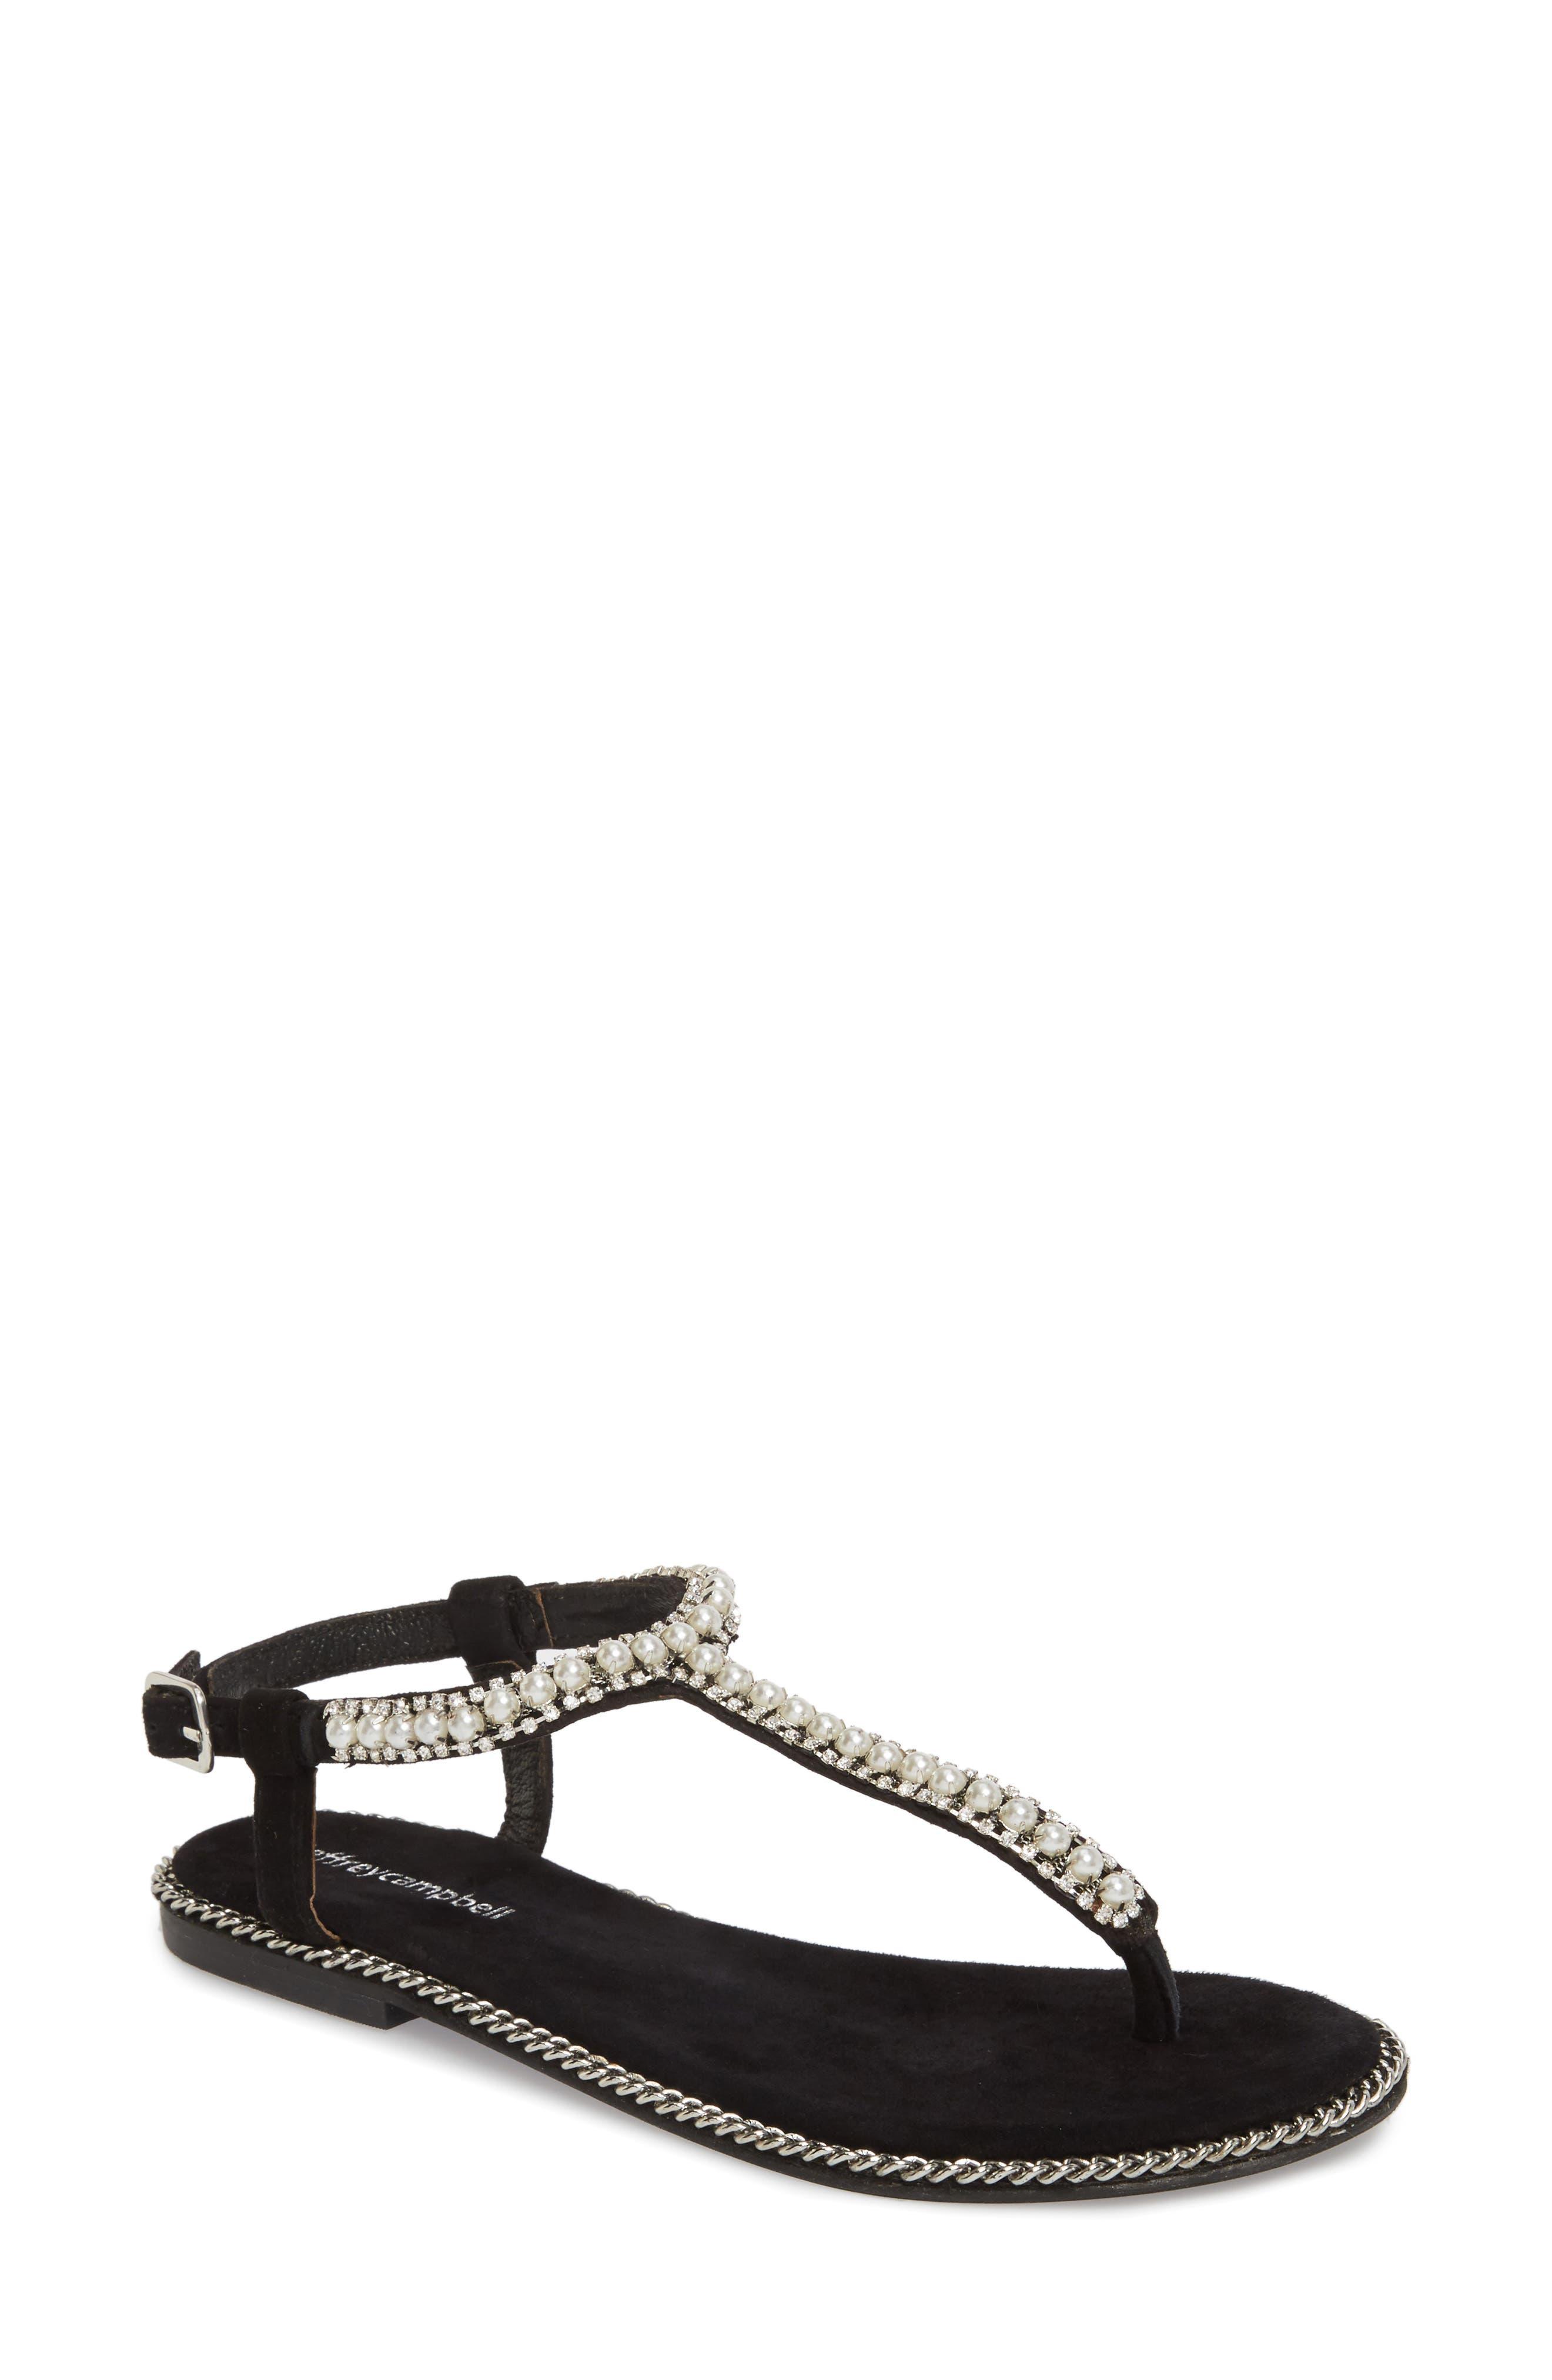 Embellished Ankle Strap Sandal,                             Main thumbnail 1, color,                             Black Suede